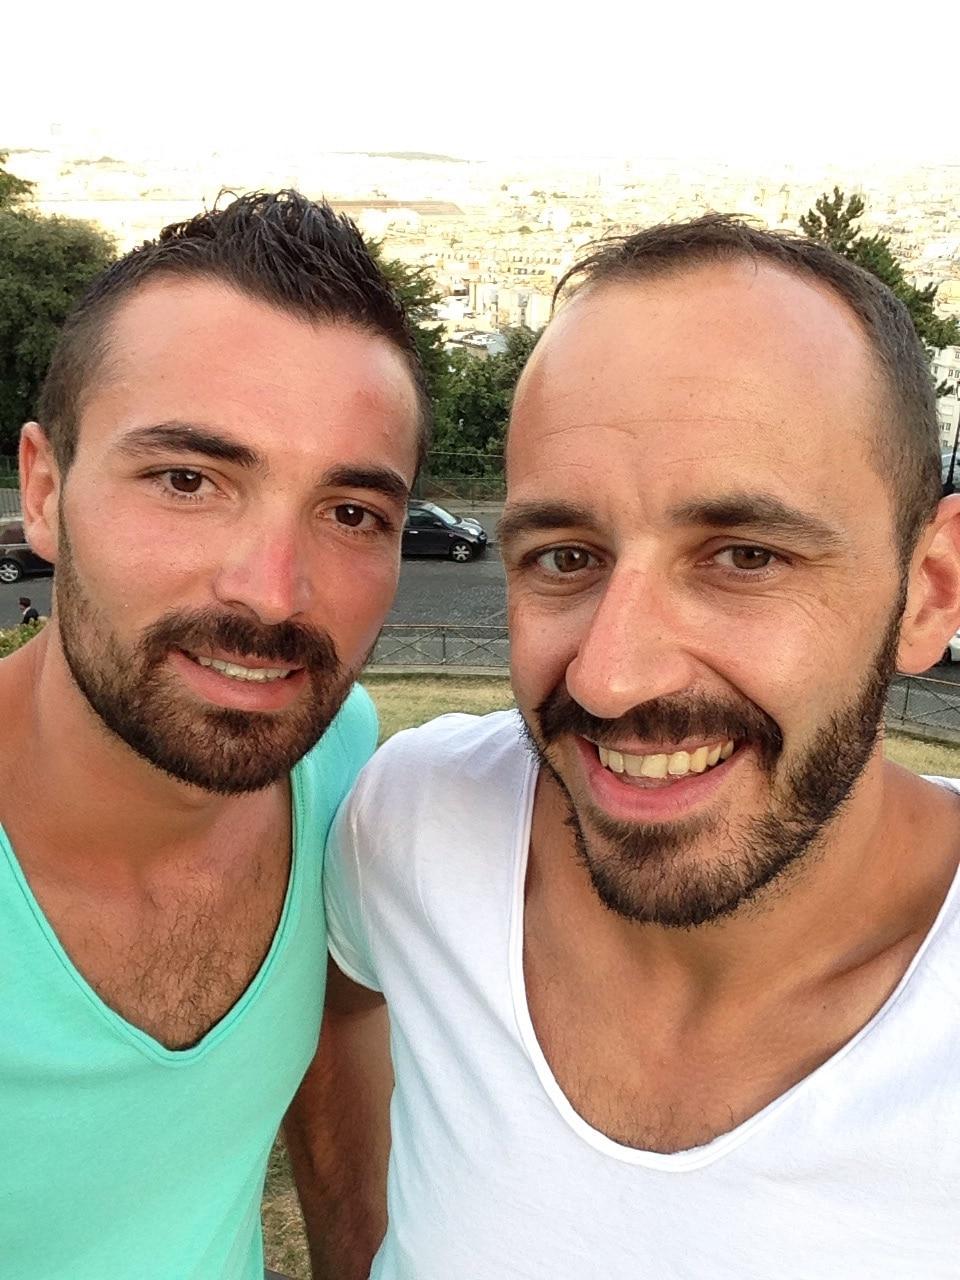 Mathieu&Jonathan from Perpignan